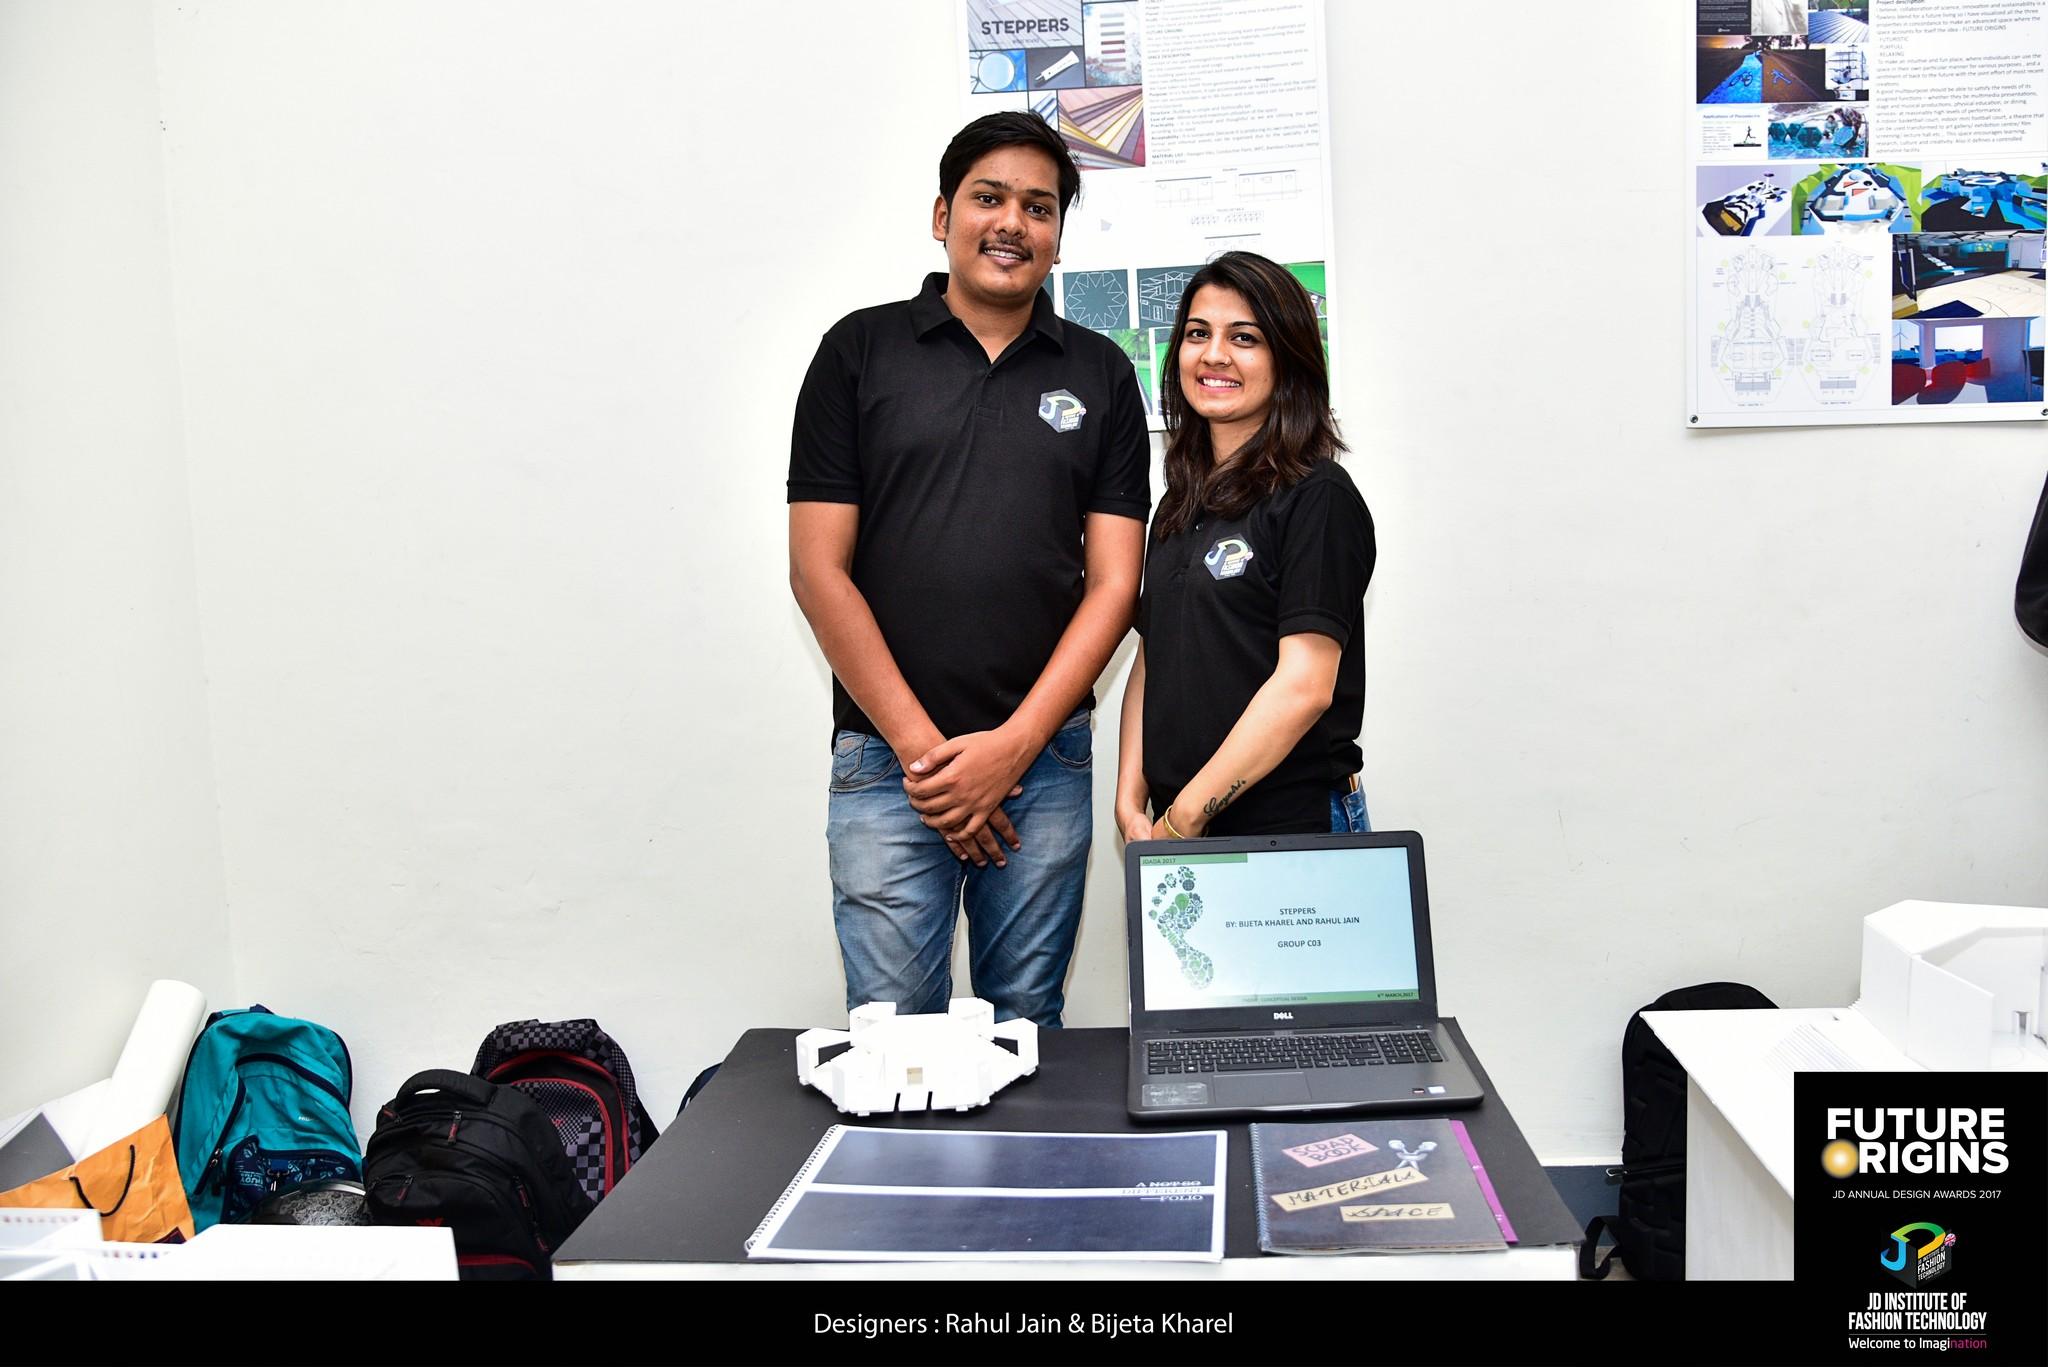 Steppers - Future Origin - JD Annual Design Awards 2017 | Photography : Jerin Nath (@jerin_nath) steppers - Steppers     Future Origin     JD Annual Design Awards 2017 1 - Steppers – Future Origin – JD Annual Design Awards 2017